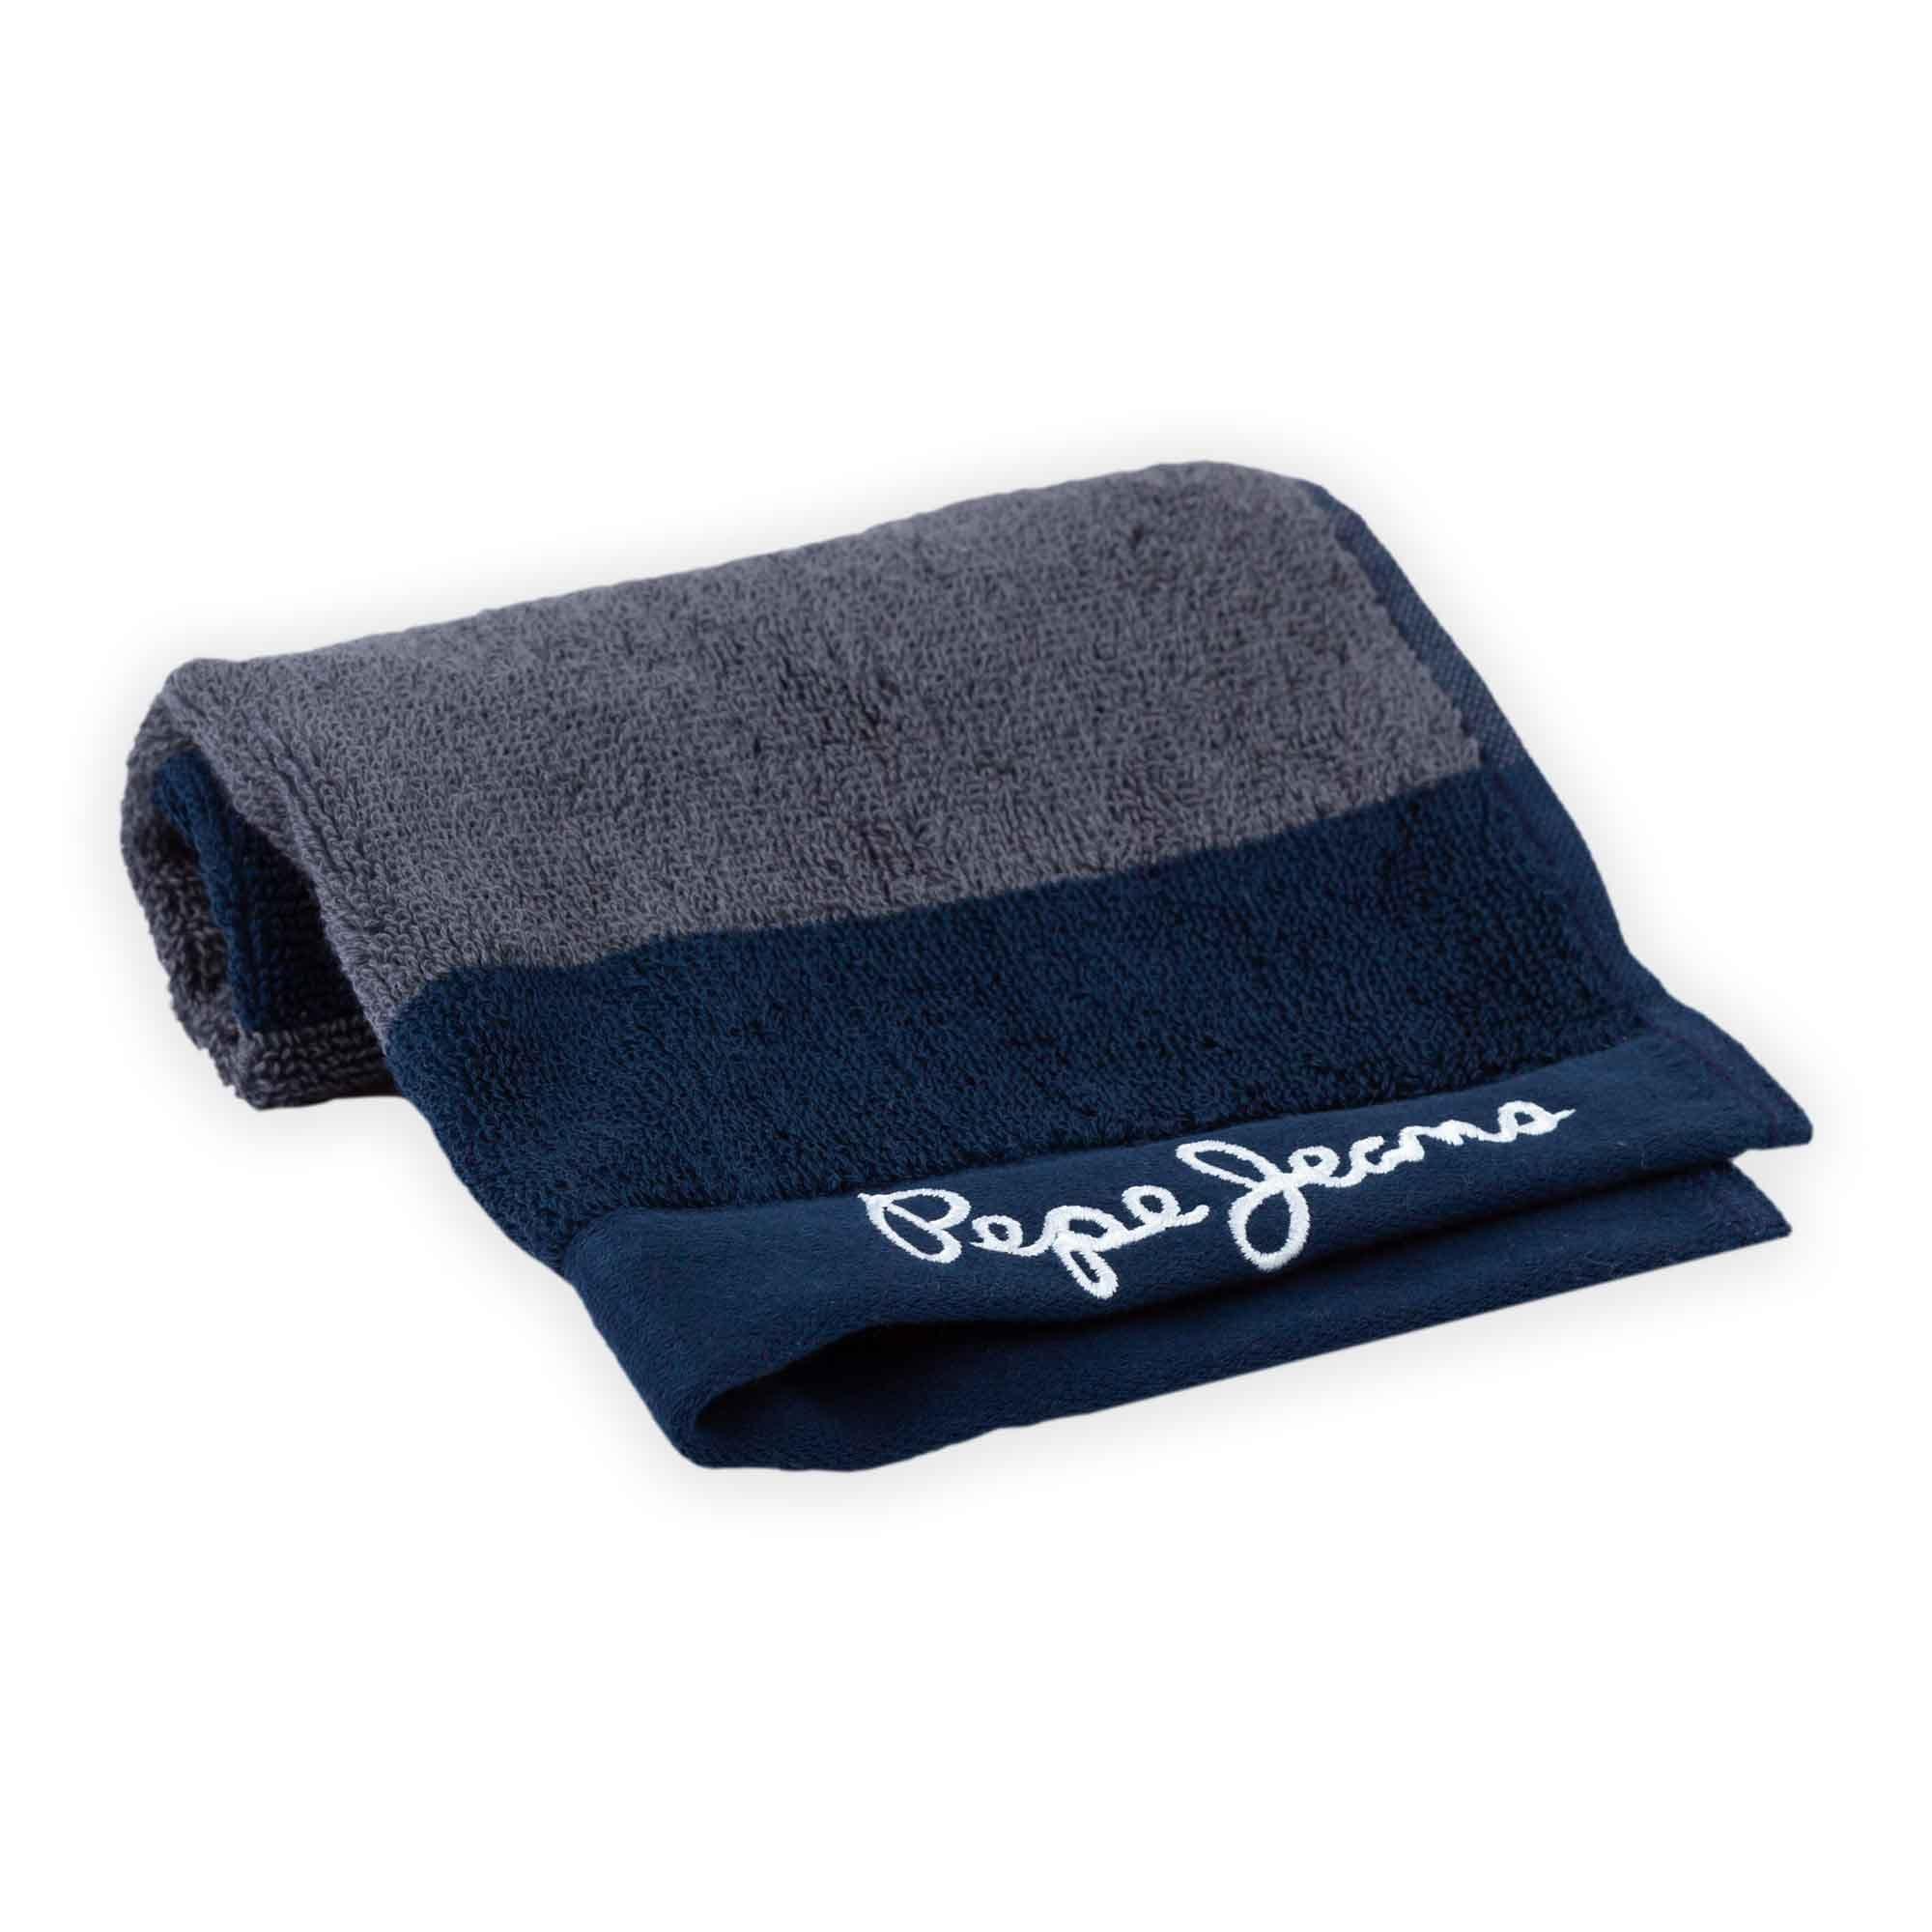 Toalla facial de algodón Pepe Jeans® Pascal color gris/azul